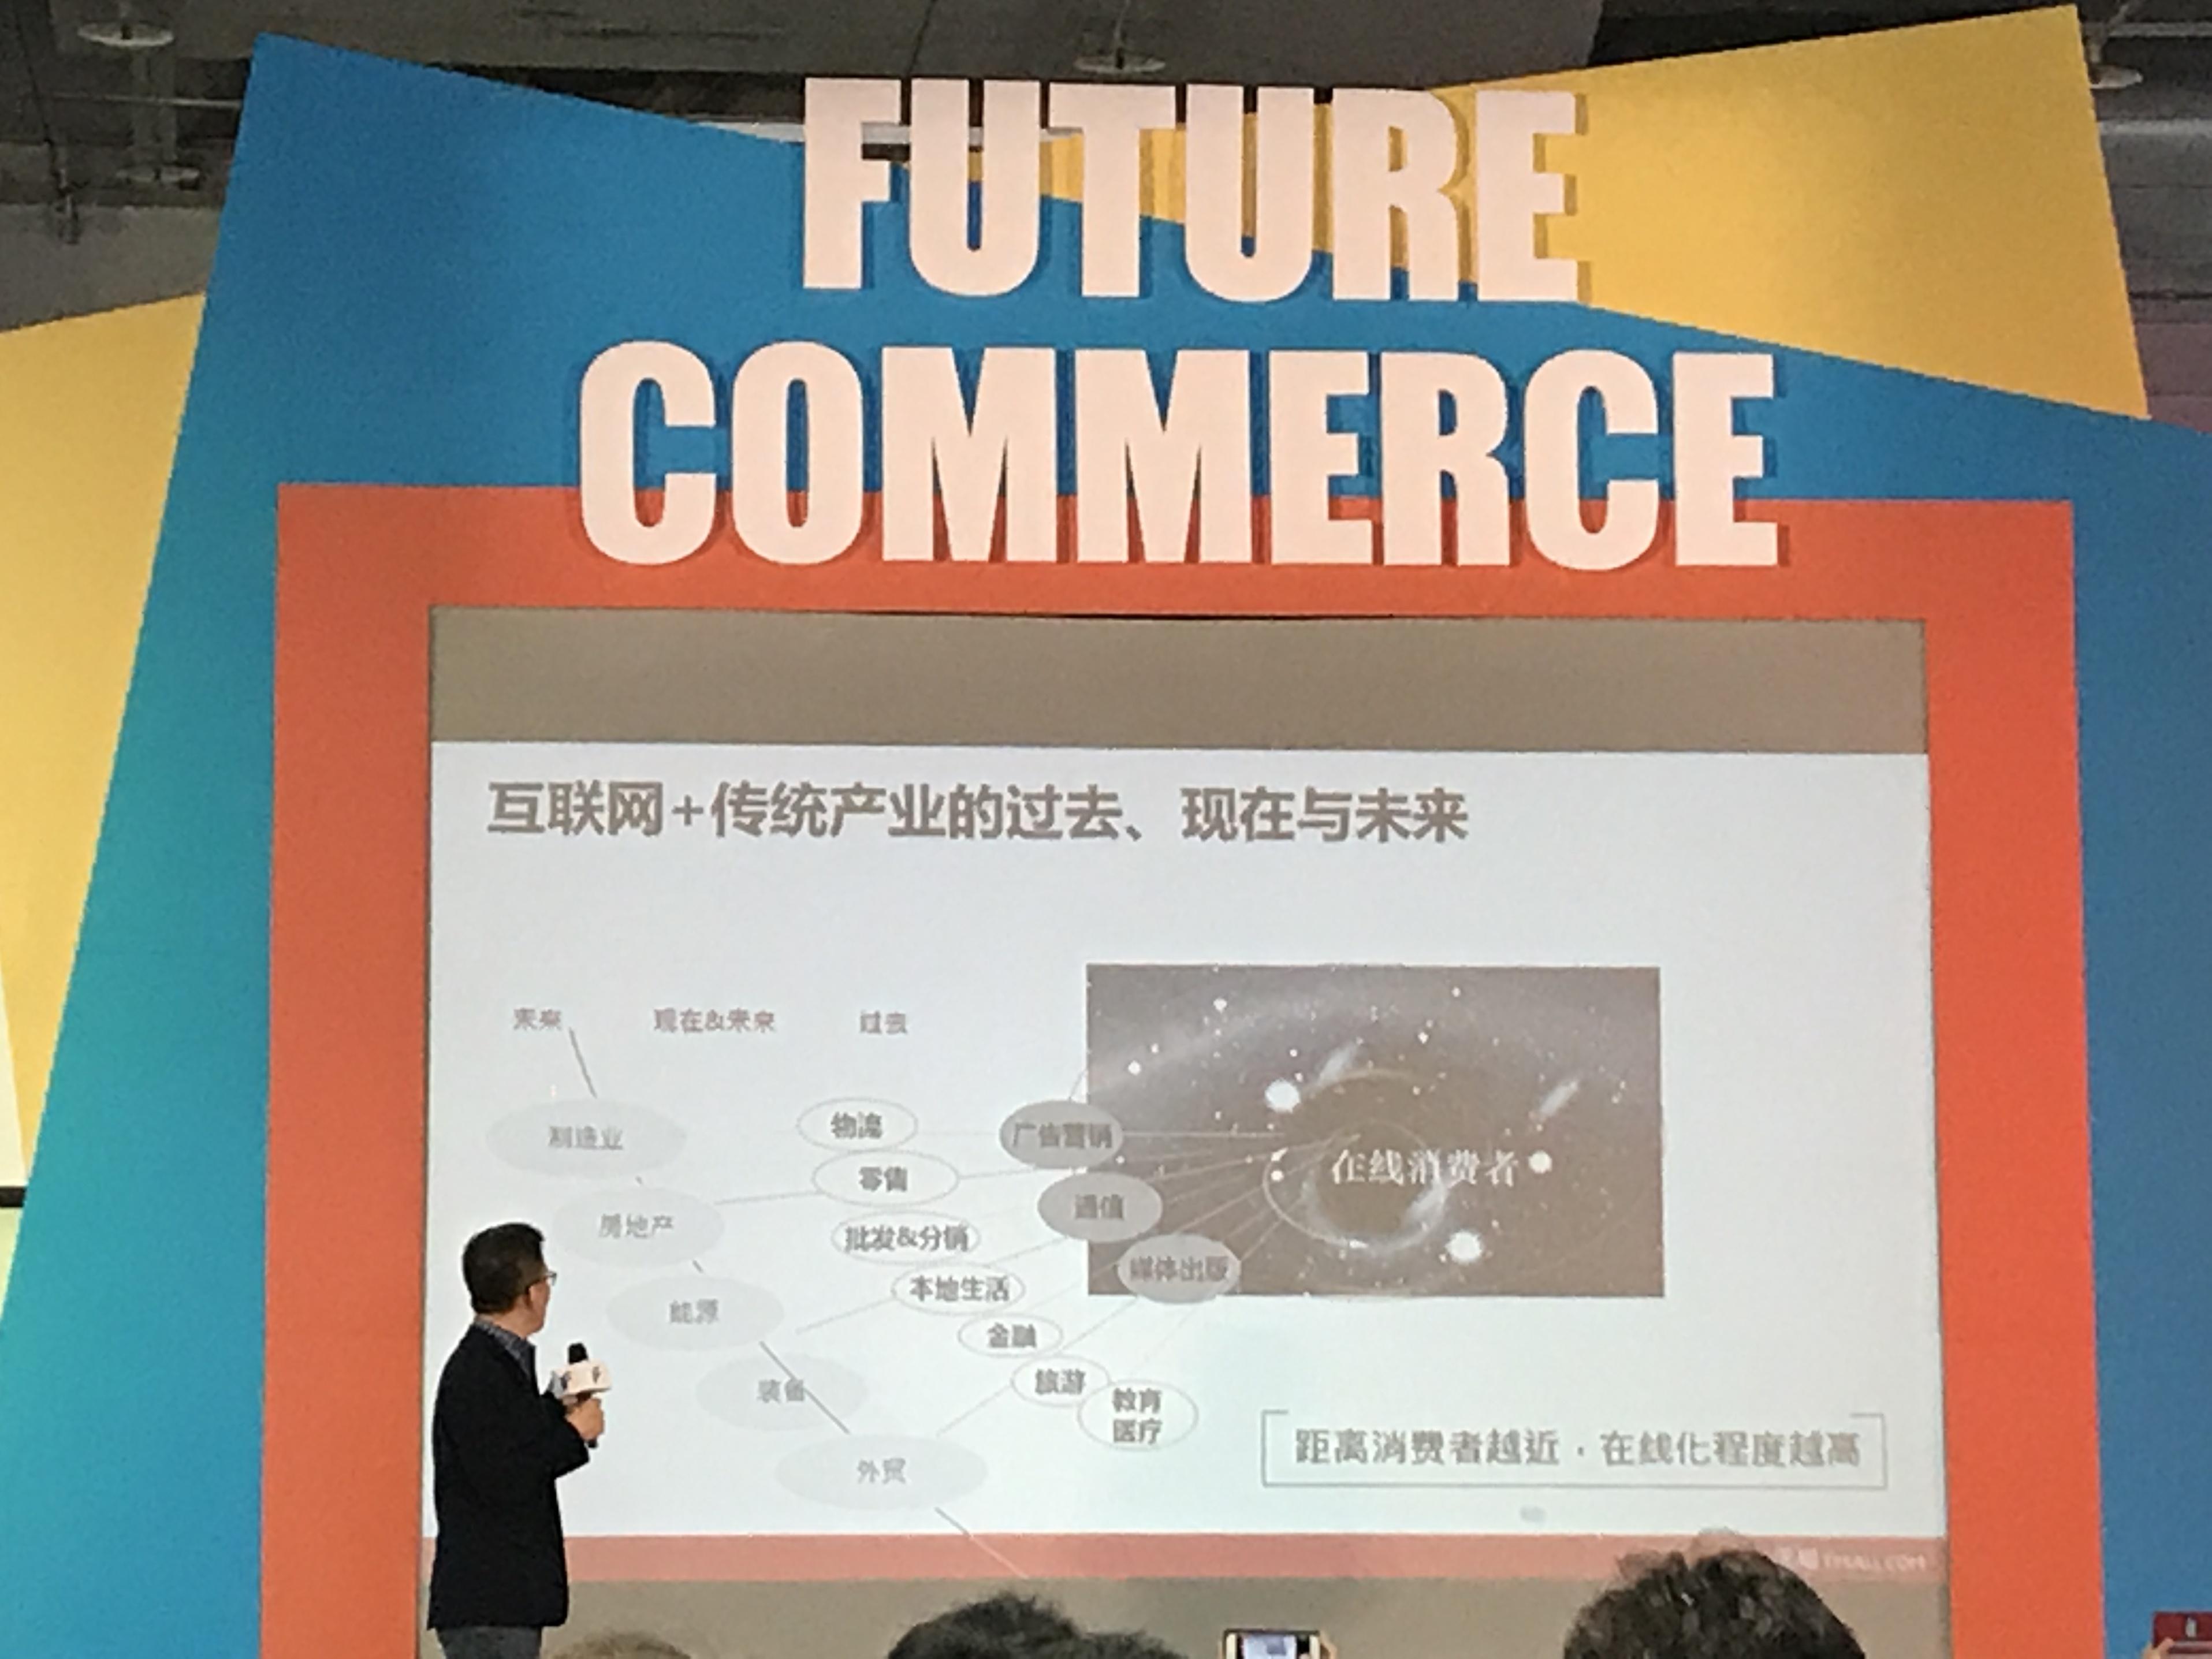 游五洋(天貓產品技術部供應鏈總監):逆向互聯網時代,買賣關係要「快速」、「合拍」、「簡單」